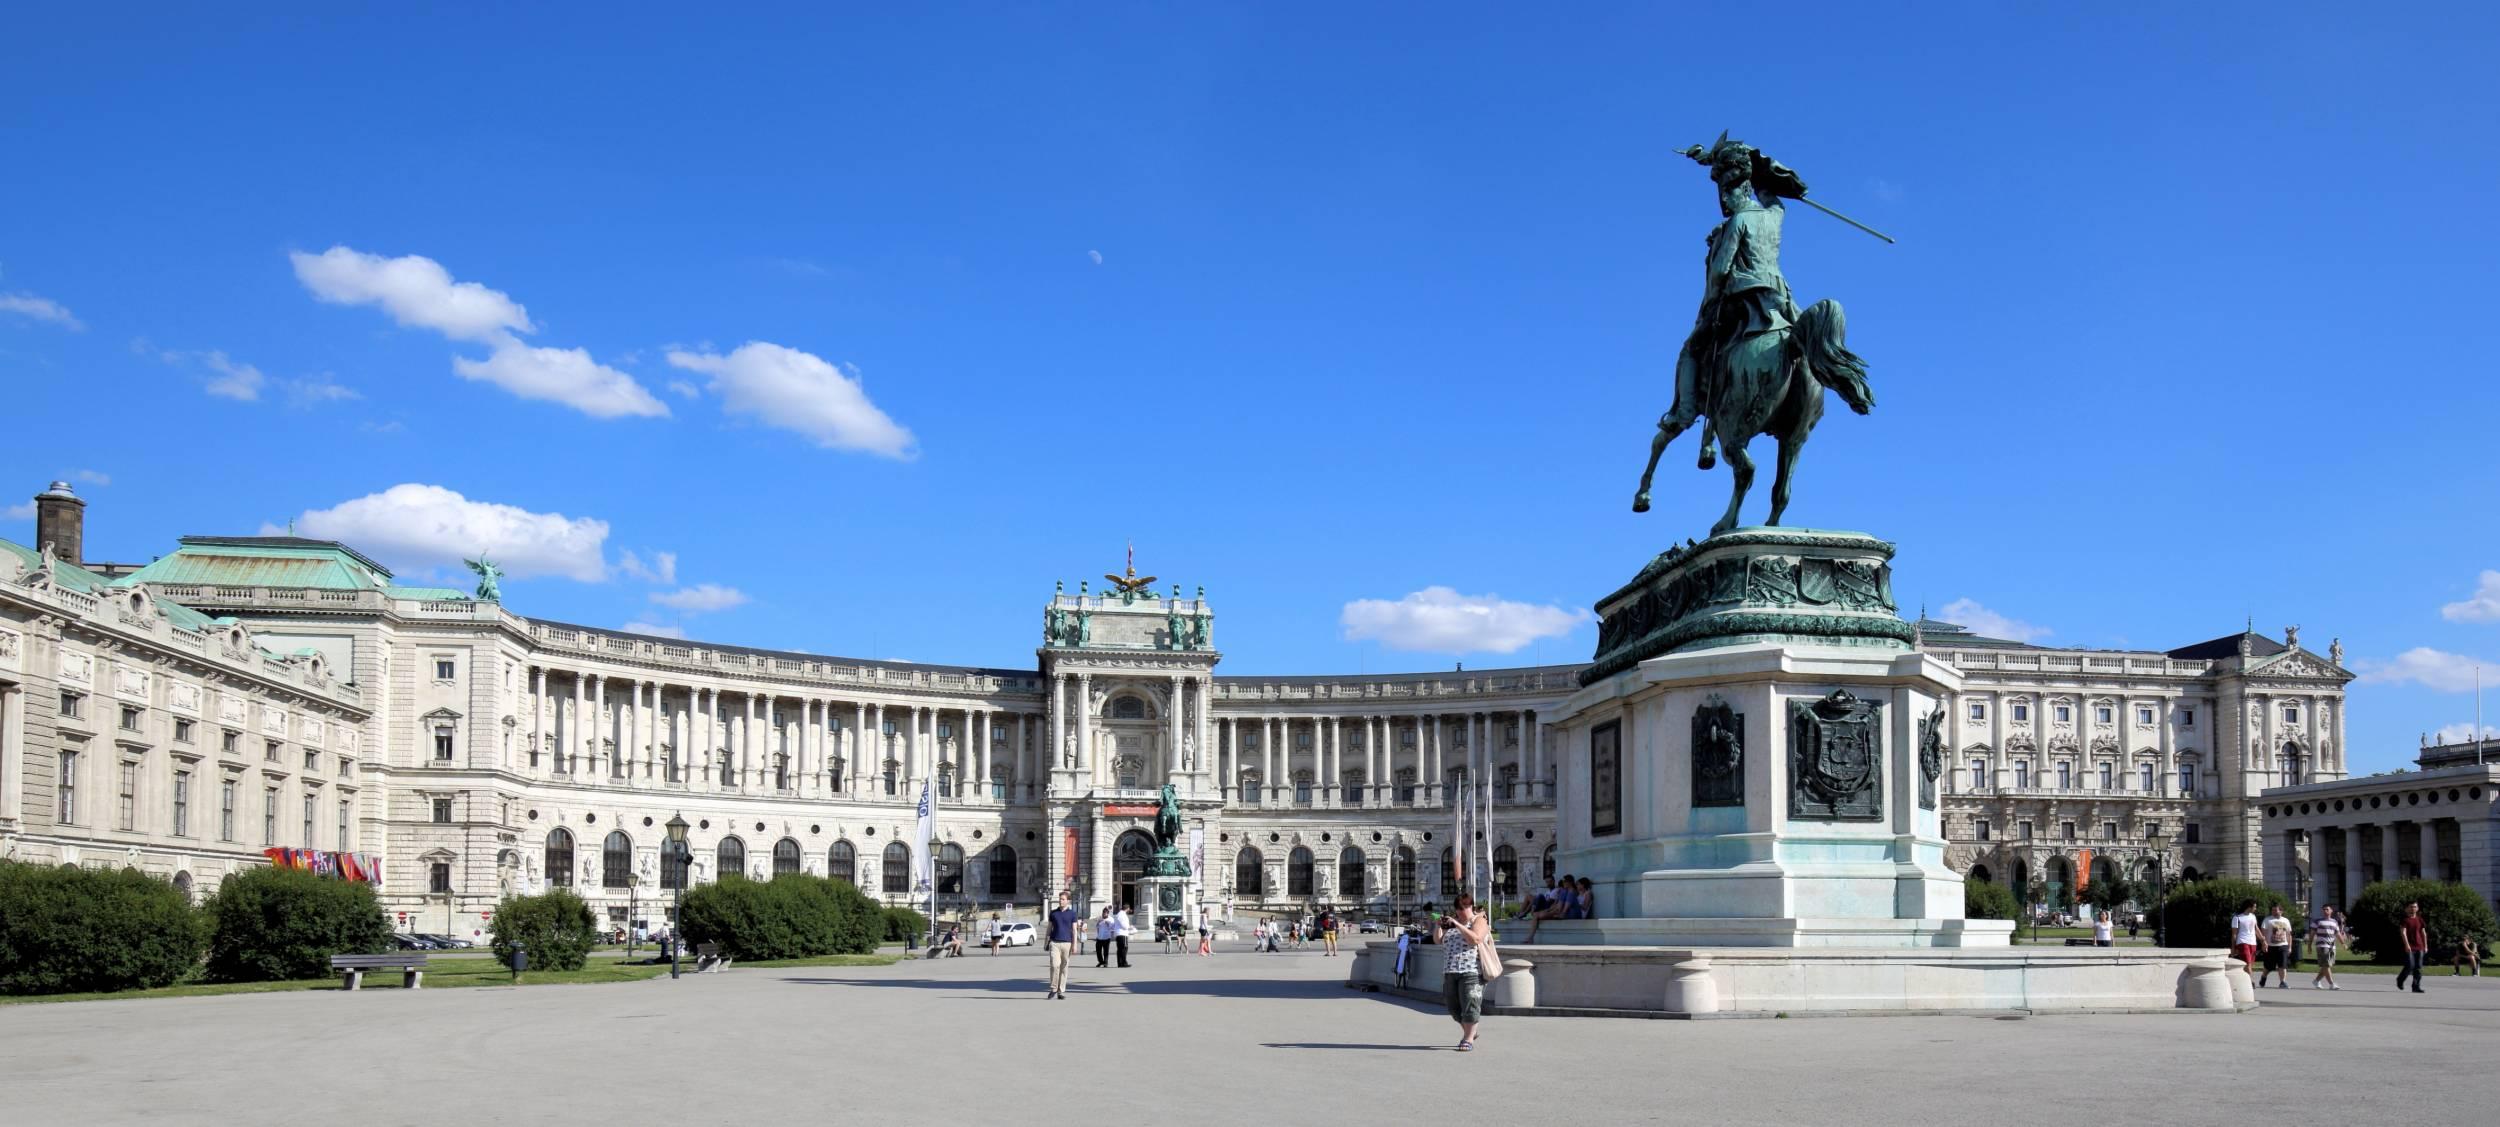 фото дворца хофбург